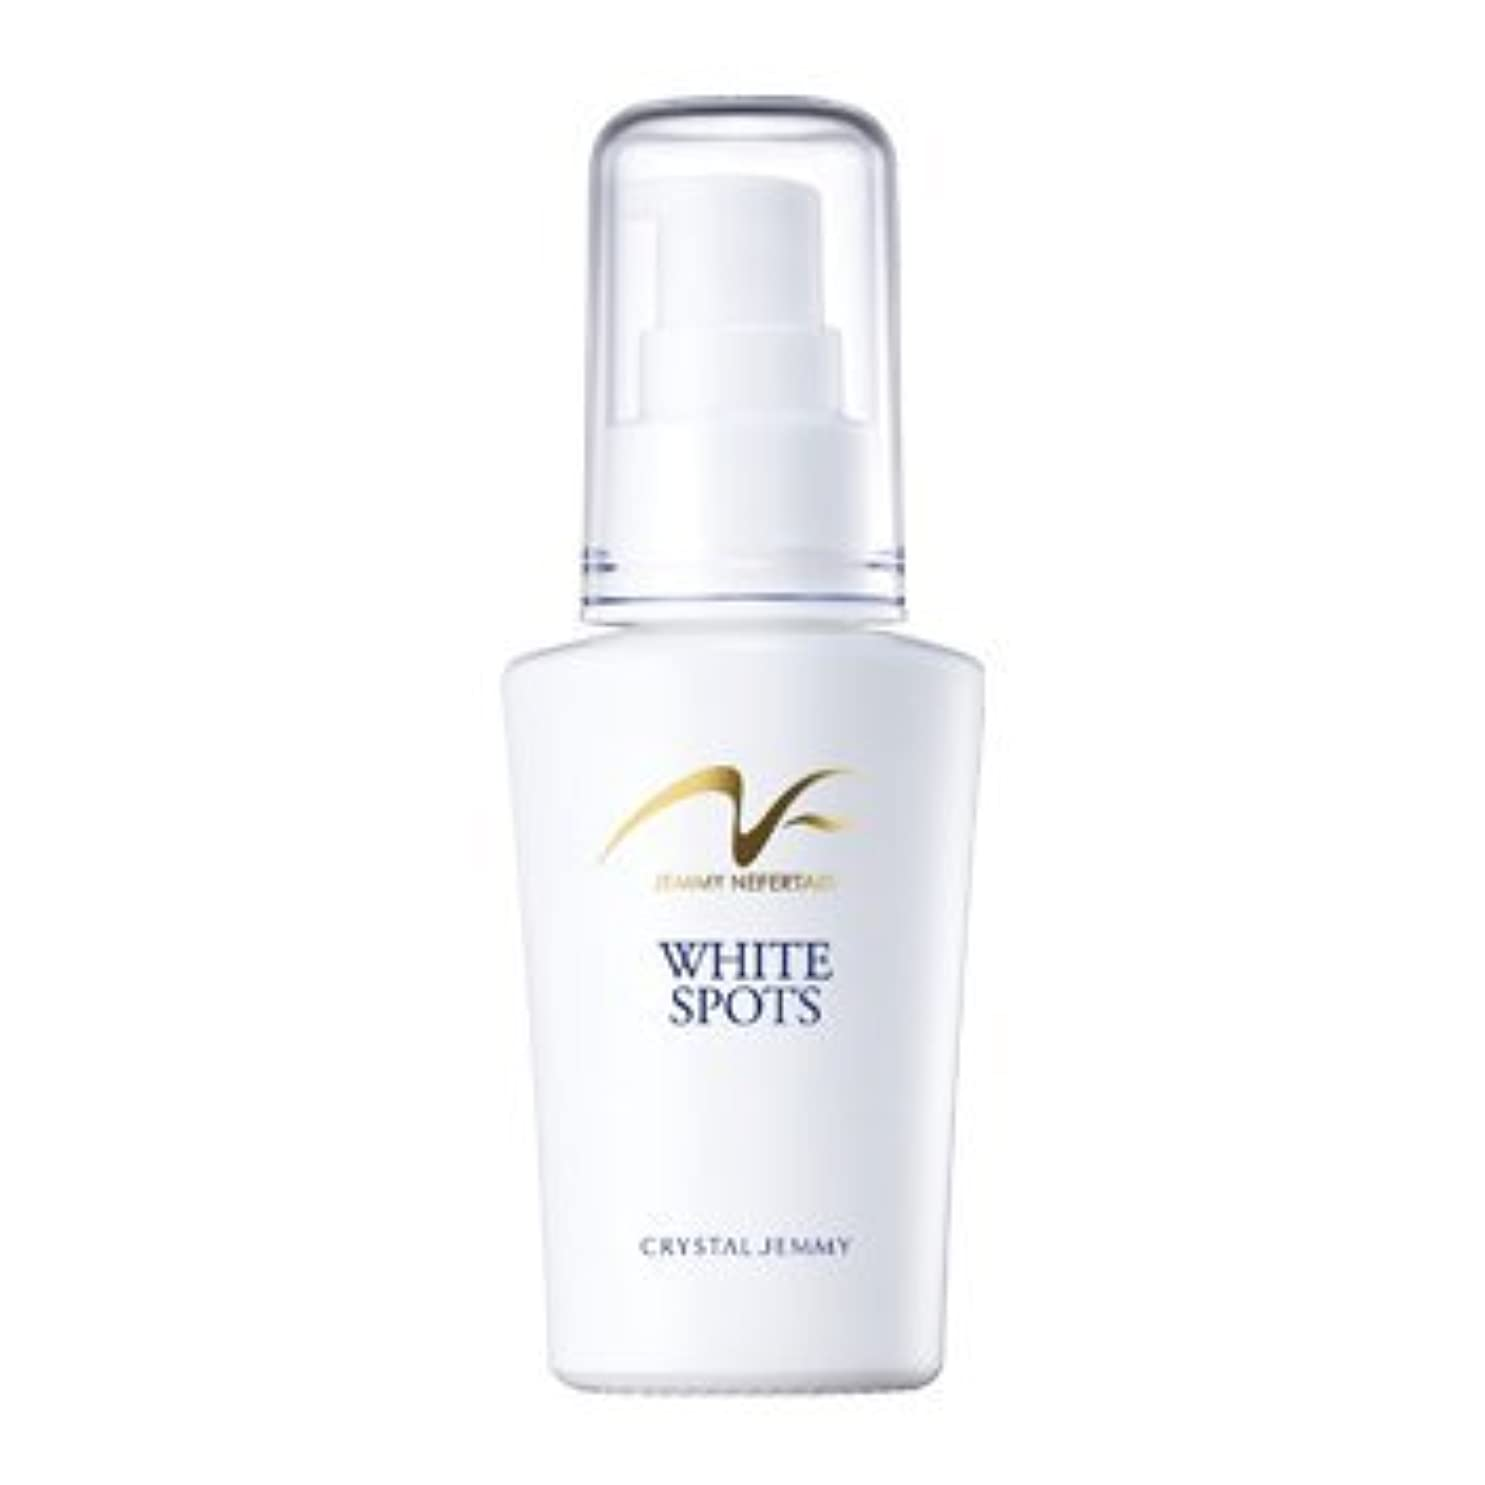 フレッシュモルヒネ必要クリスタルジェミー ジェミーネフェルタリ薬用ホワイトスポッツ 美容液 美白 集中 シミ 対策